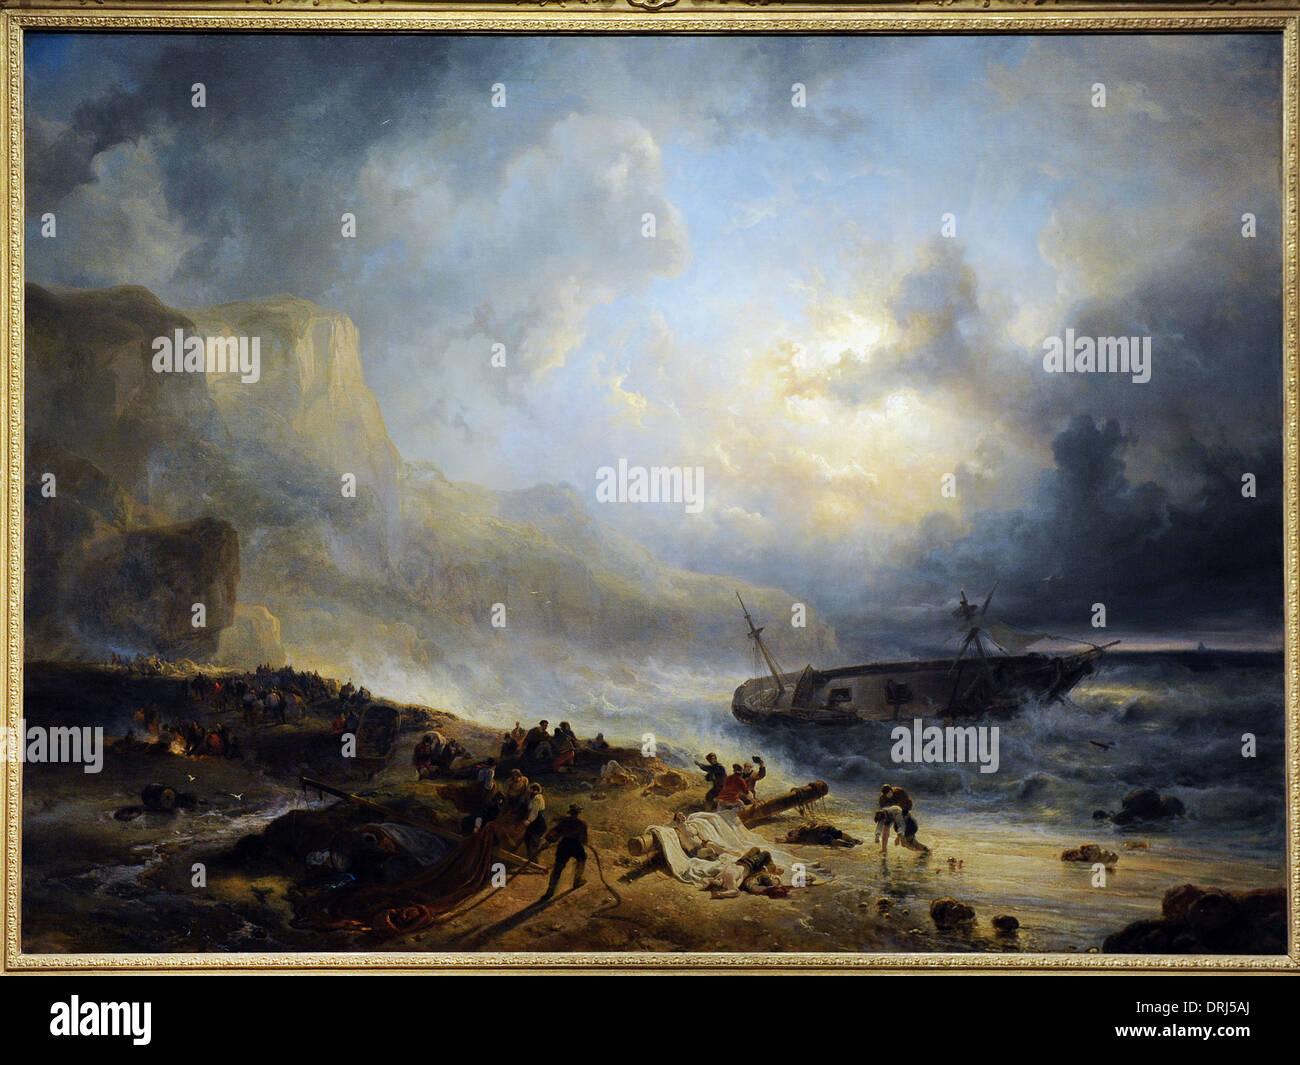 Wijnand Nuijen (1813-1839). Pittore olandese. Naufragio fuori da una costa rocciosa, c.1837. Rijksmuseum. Amsterdam. Holland. Immagini Stock